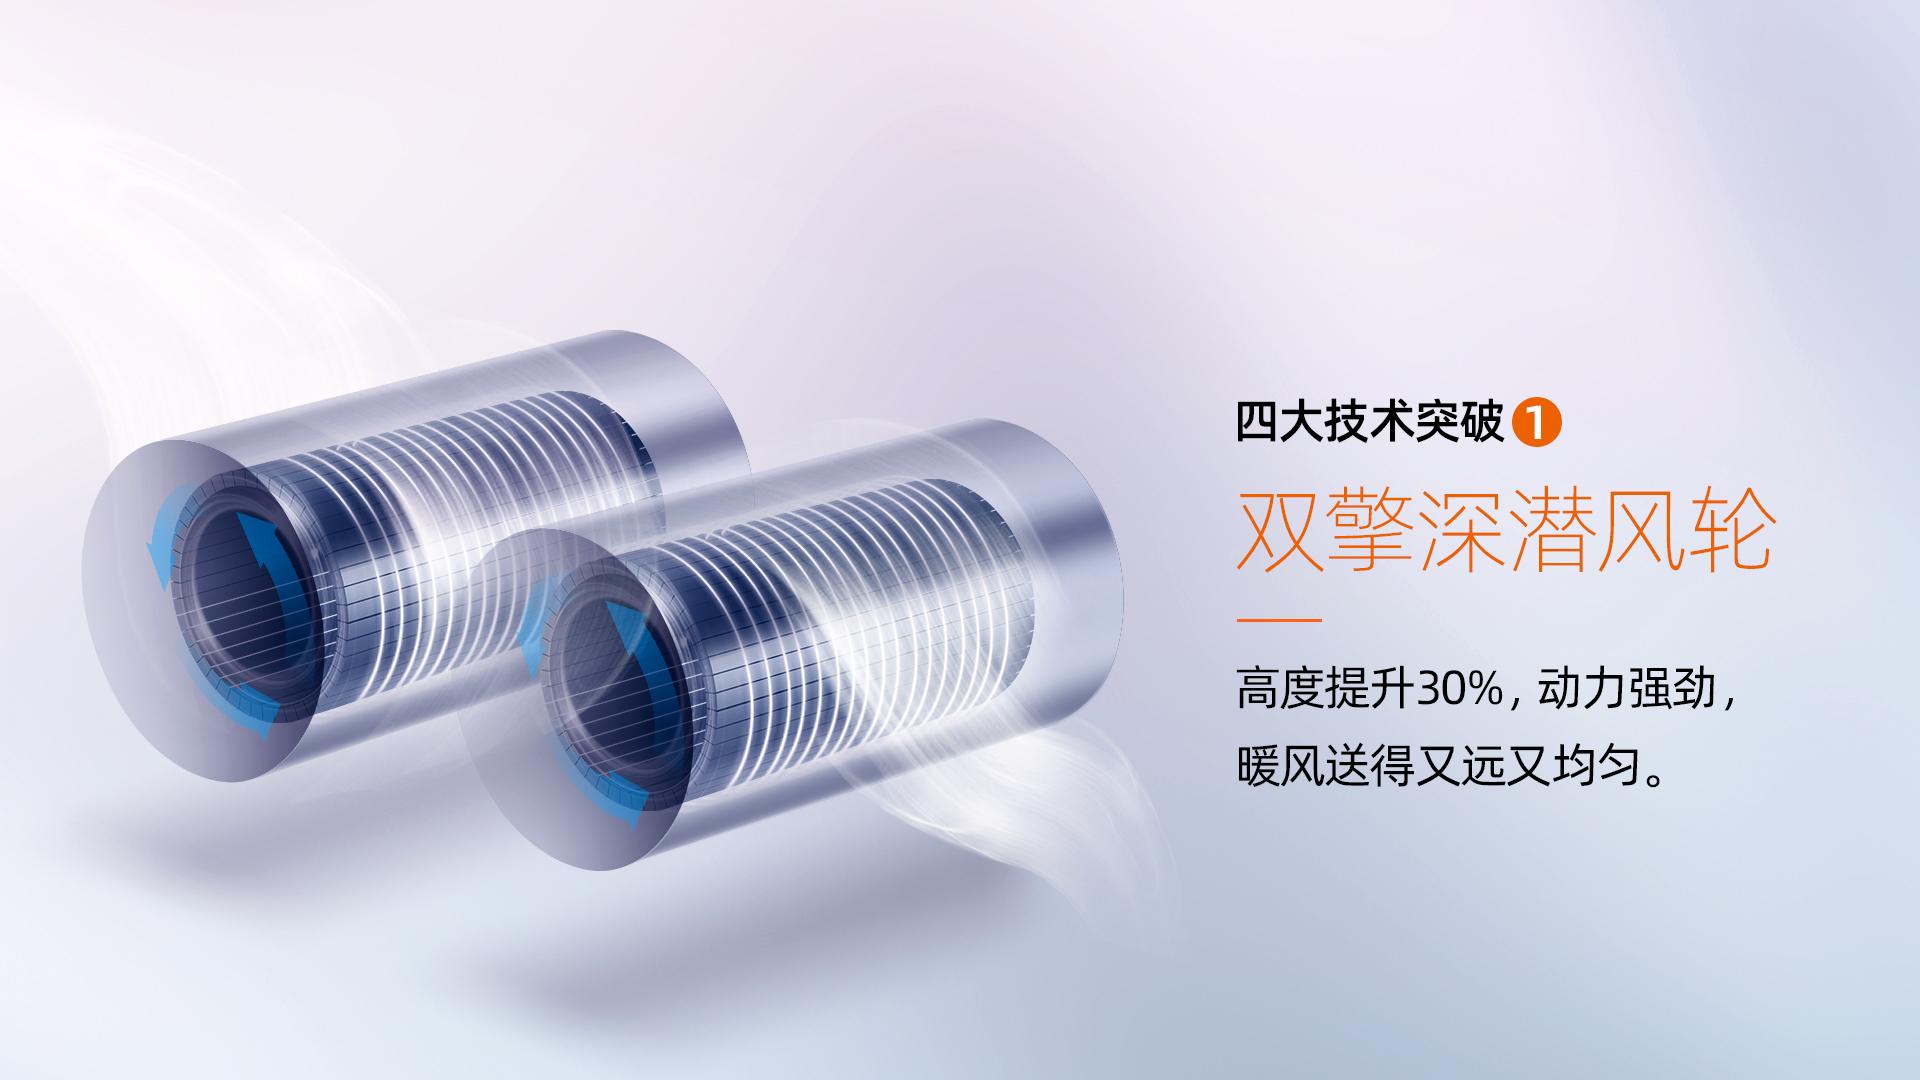 奥普热能环浴霸Q360S3